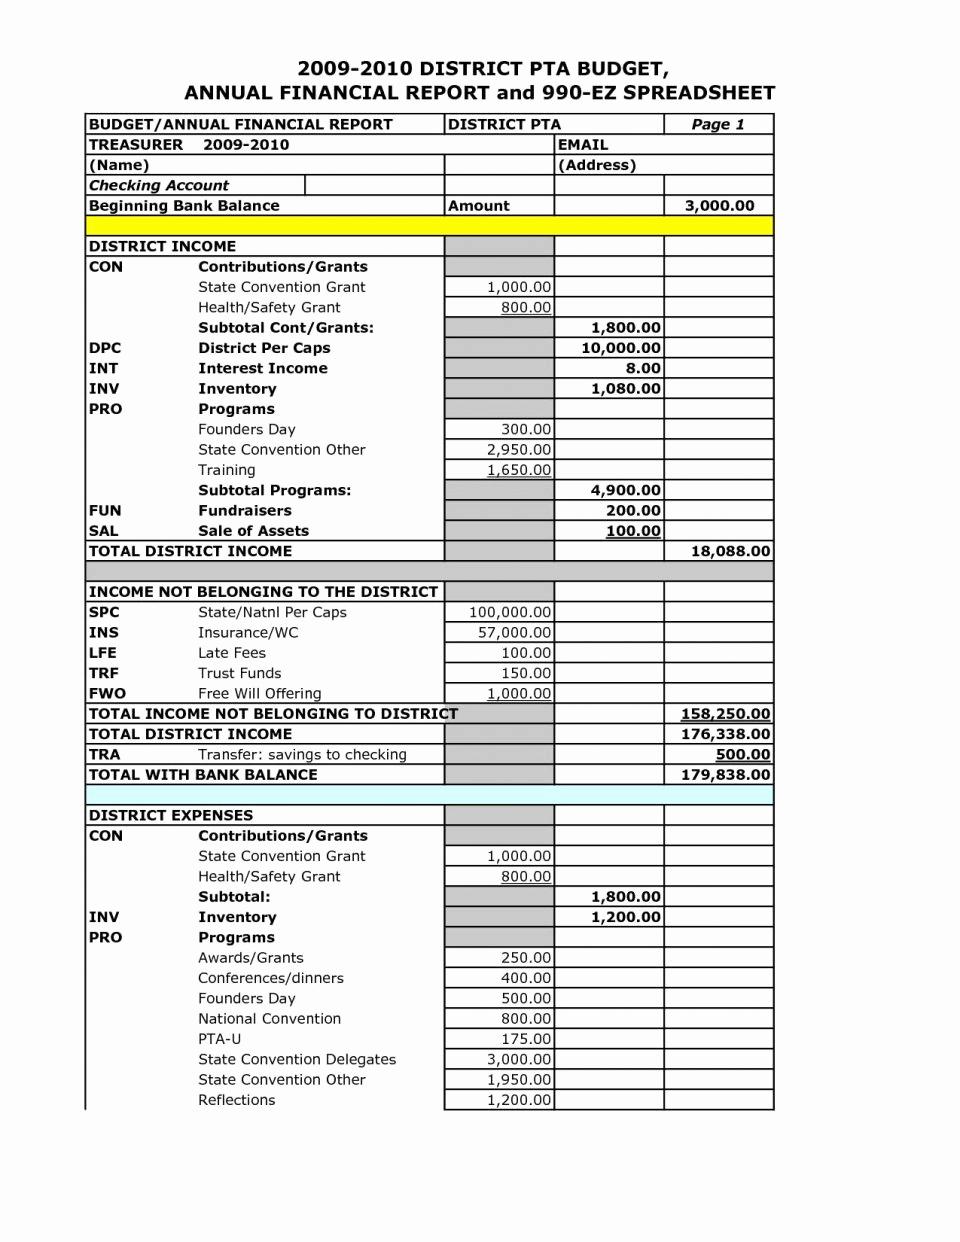 Treasurer's Report Excel Spreadsheet For Pta Treasurer Report Excel Template Luxury Treasurer S Report